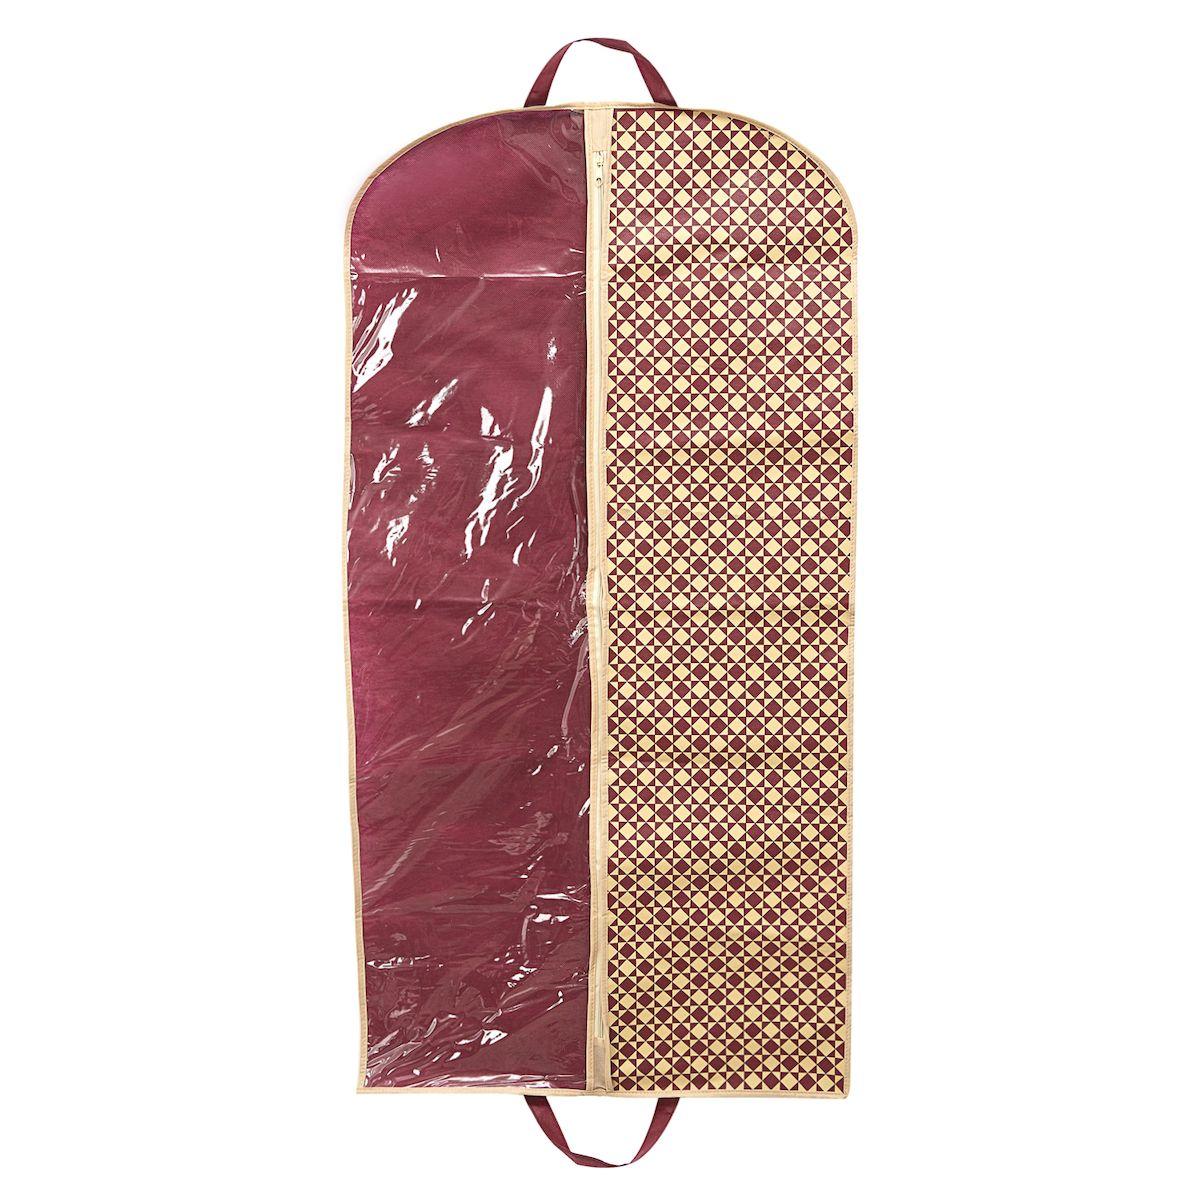 Чехол для одежды Homsu Bordo, подвесной, с прозрачной вставкой, 120 х 60 смRG-D31SПодвесной чехол для одежды Homsu Bordo на застежке-молнии выполнен из высококачественного нетканого материала. Чехол снабжен прозрачной вставкой из ПВХ, что позволяет легко просматривать содержимое. Изделие подходит для длительного хранения вещей.Чехол обеспечит вашей одежде надежную защиту от влажности, повреждений и грязи при транспортировке, от запыления при хранении и проникновения моли. Чехол позволяет воздуху свободно поступать внутрь вещей, обеспечивая их кондиционирование. Это особенно важно при хранении кожаных и меховых изделий.Чехол для одежды Homsu Bordo создаст уютную атмосферу в гардеробе. Лаконичный дизайн придется по вкусу ценительницам эстетичного хранения и сделают вашу гардеробную изысканной и невероятно стильной.Размер чехла: 120 х 60 см.